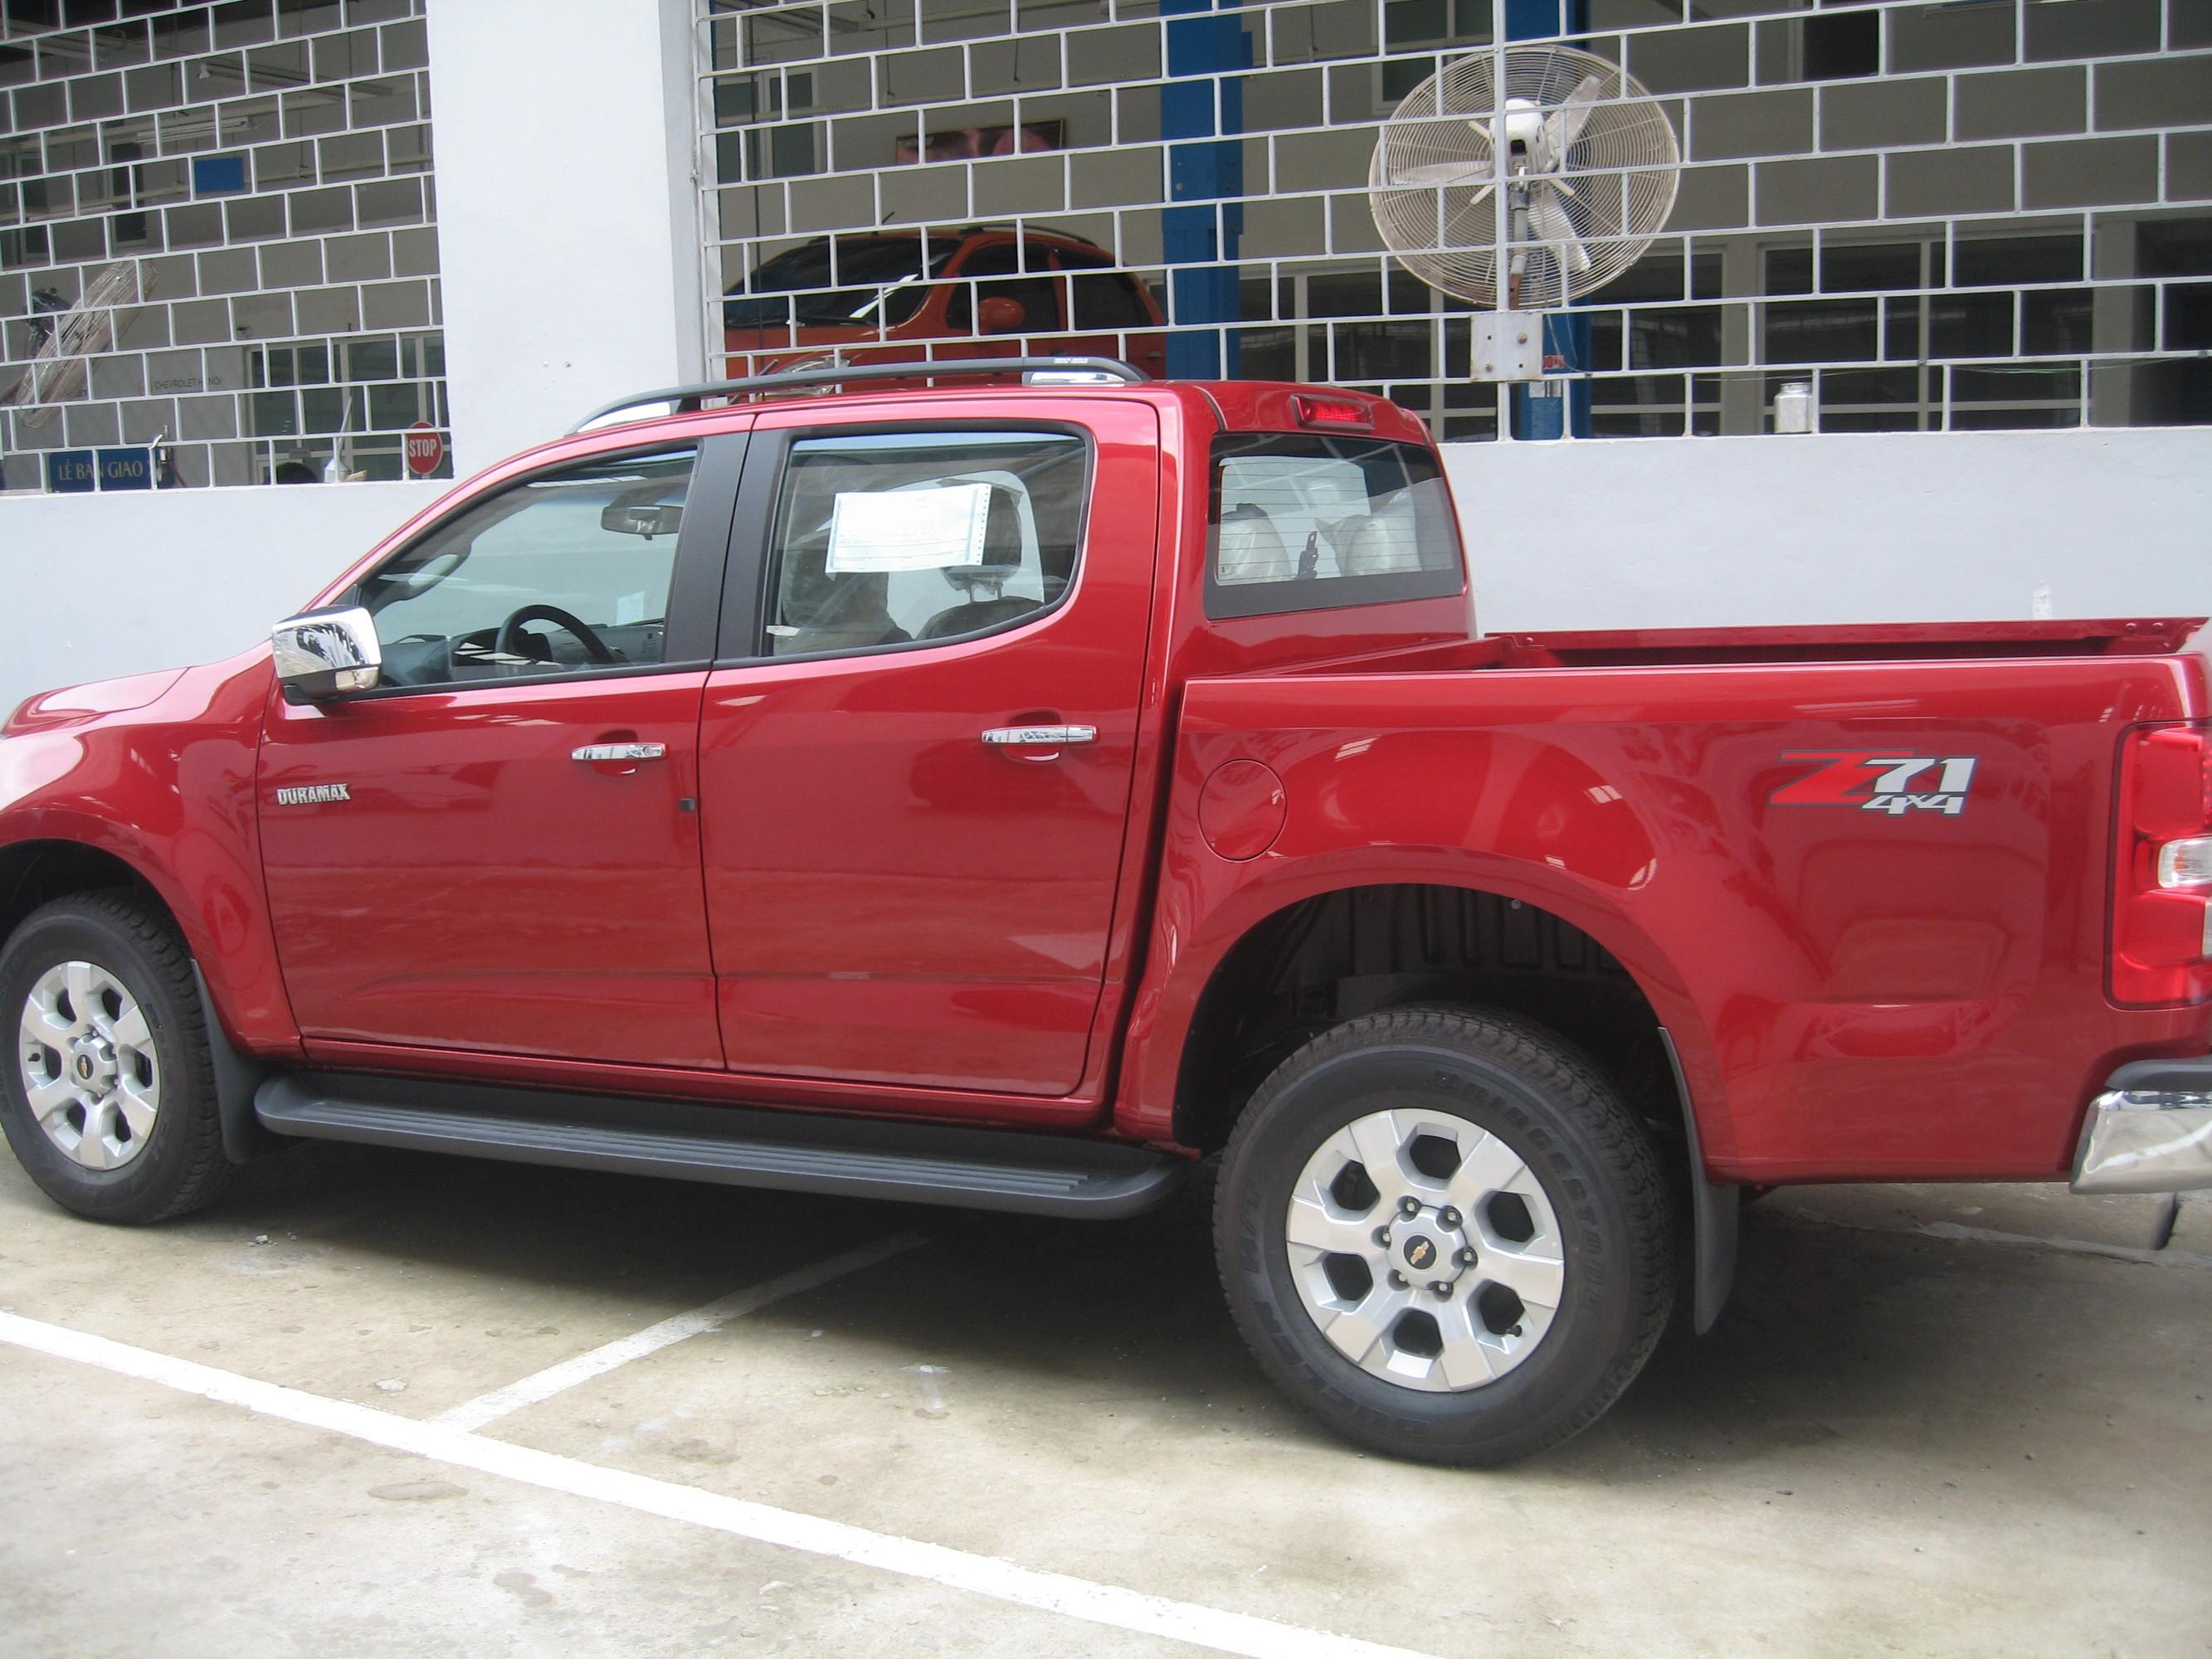 Hãy chọn đại lý Chevrolet Hà Nội để mua Colorado 2.8 ltz.Quý khách sẽ hài lòng về giá và dịch vụ sau bán hàng. Ảnh số 37867281